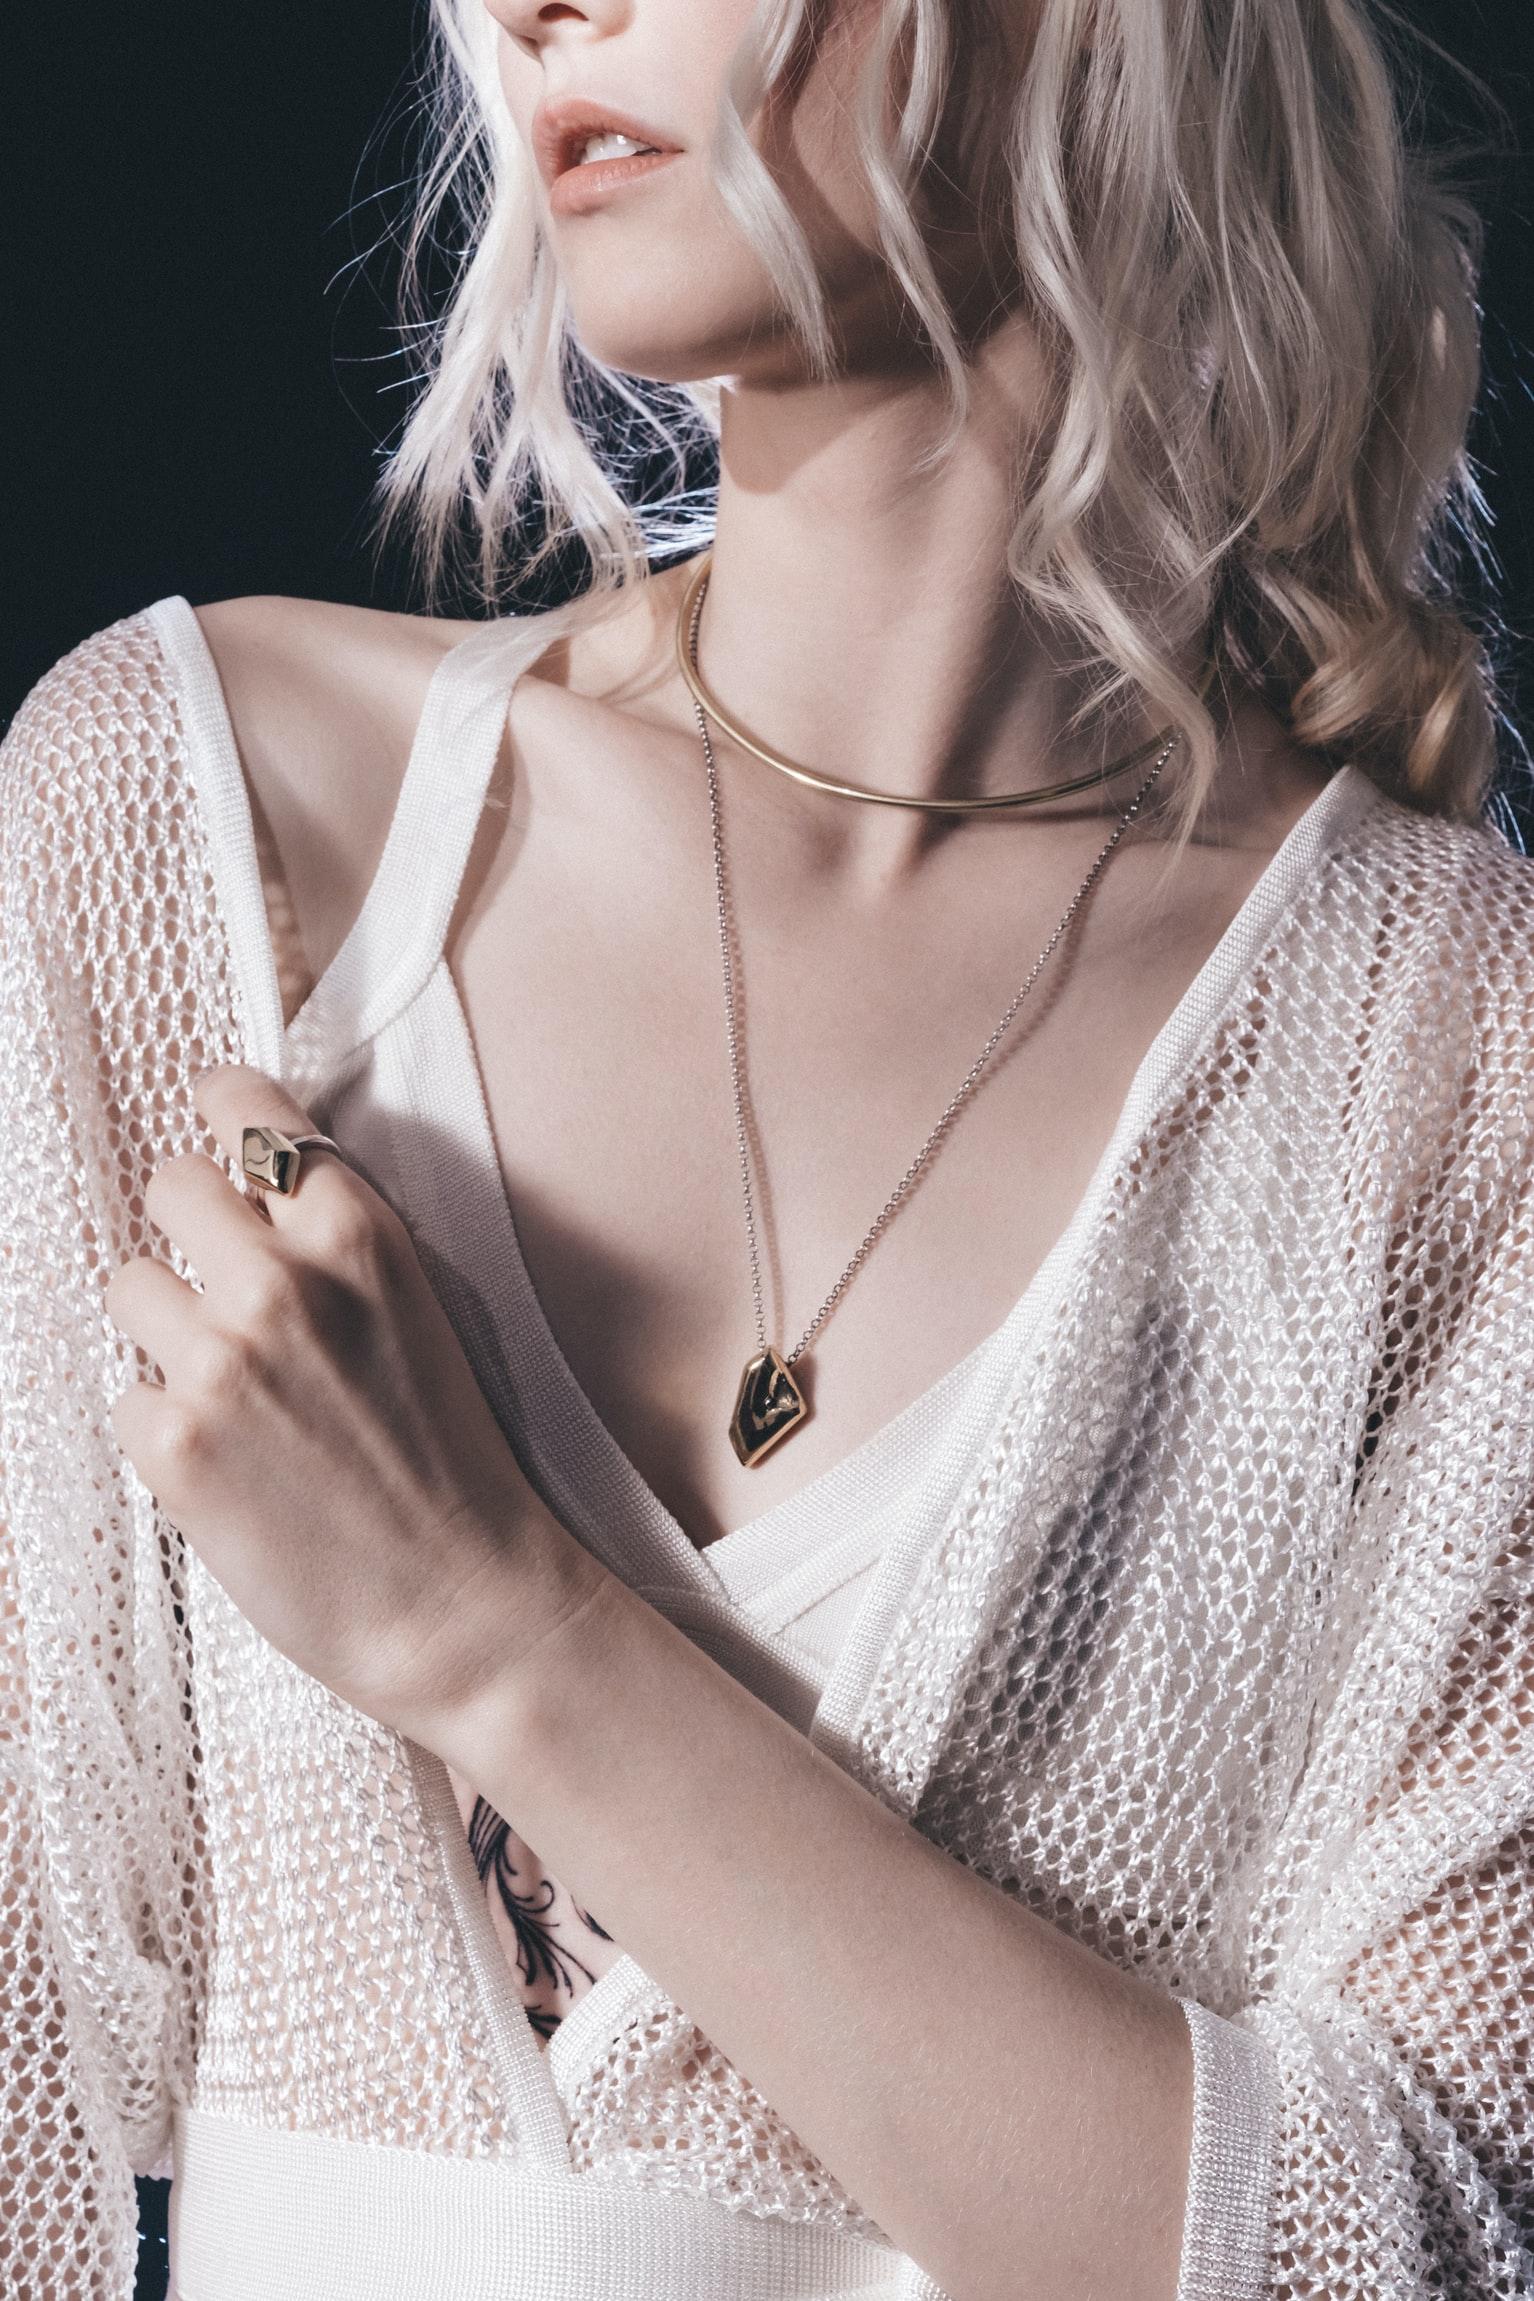 cô gái mặc đẹp với phụ kiện vàng hoa tai dây chuyền nhẫn